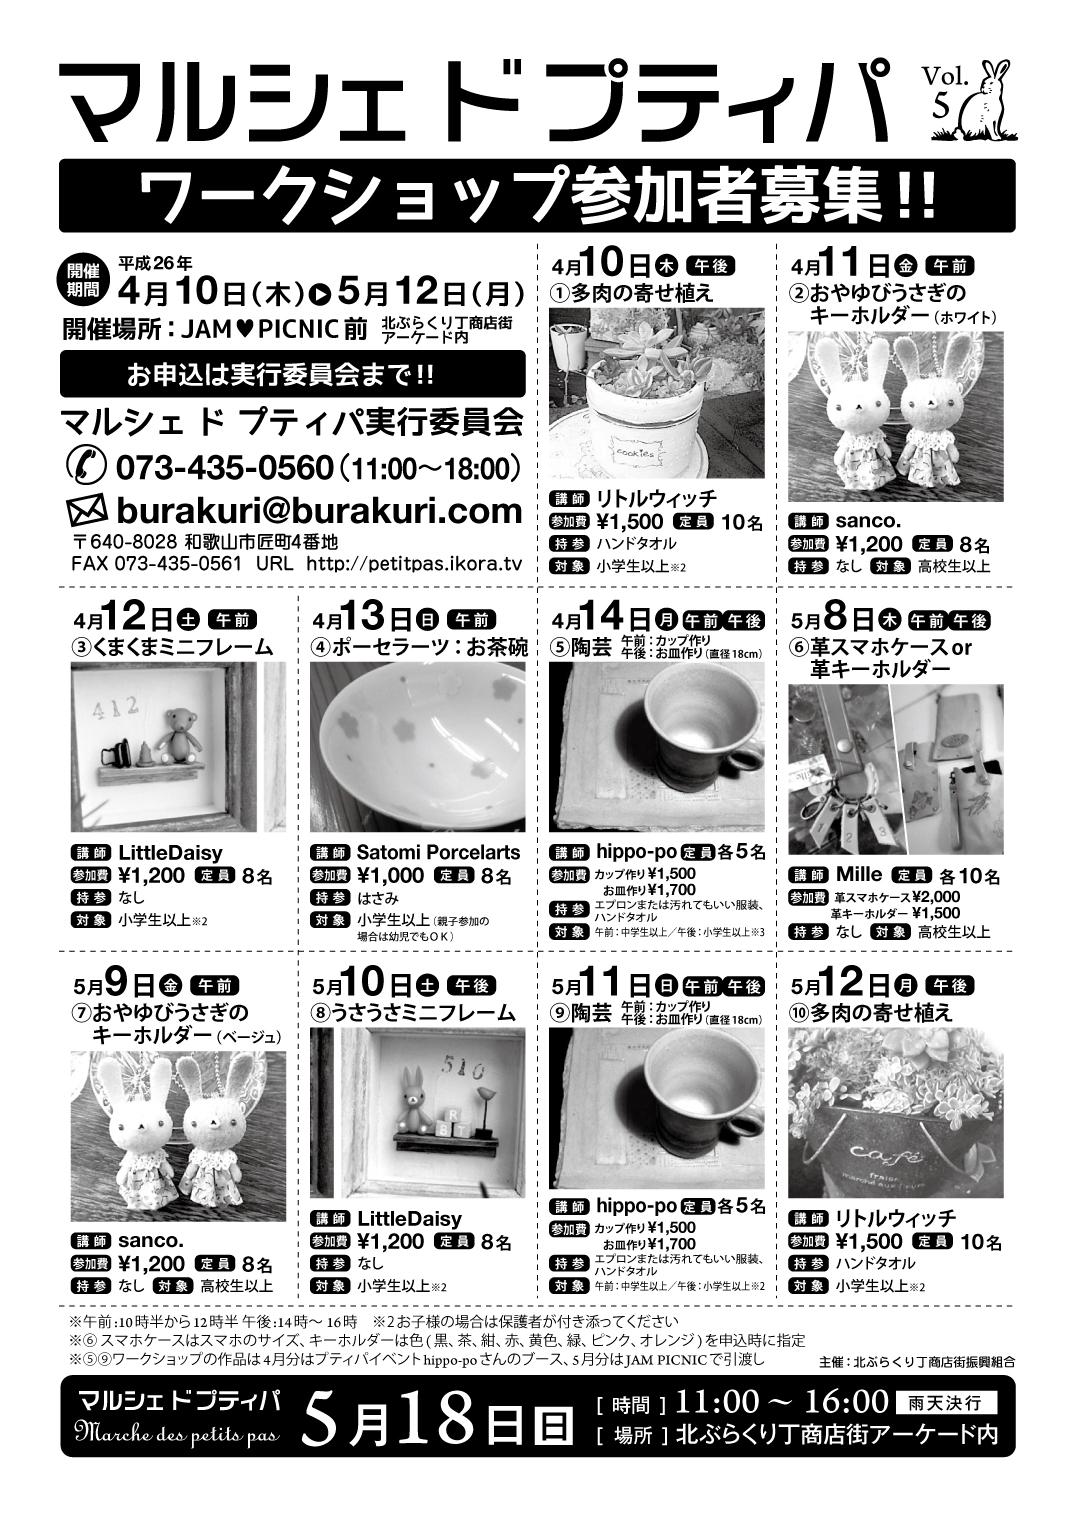 プチパ_2014春_第二弾.jpg